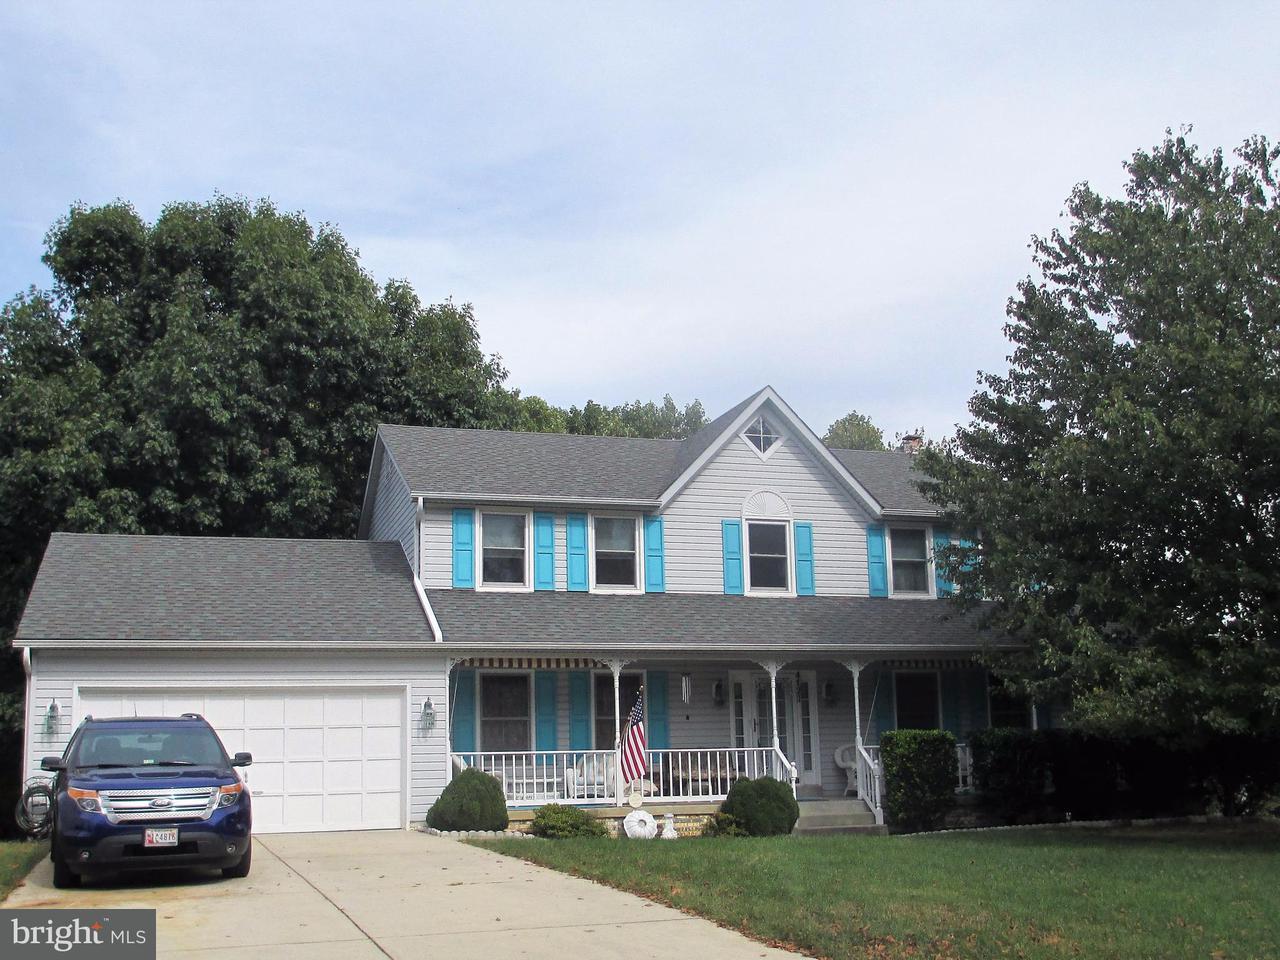 一戸建て のために 売買 アット 4120 LEISURE Drive 4120 LEISURE Drive Temple Hills, メリーランド 20748 アメリカ合衆国